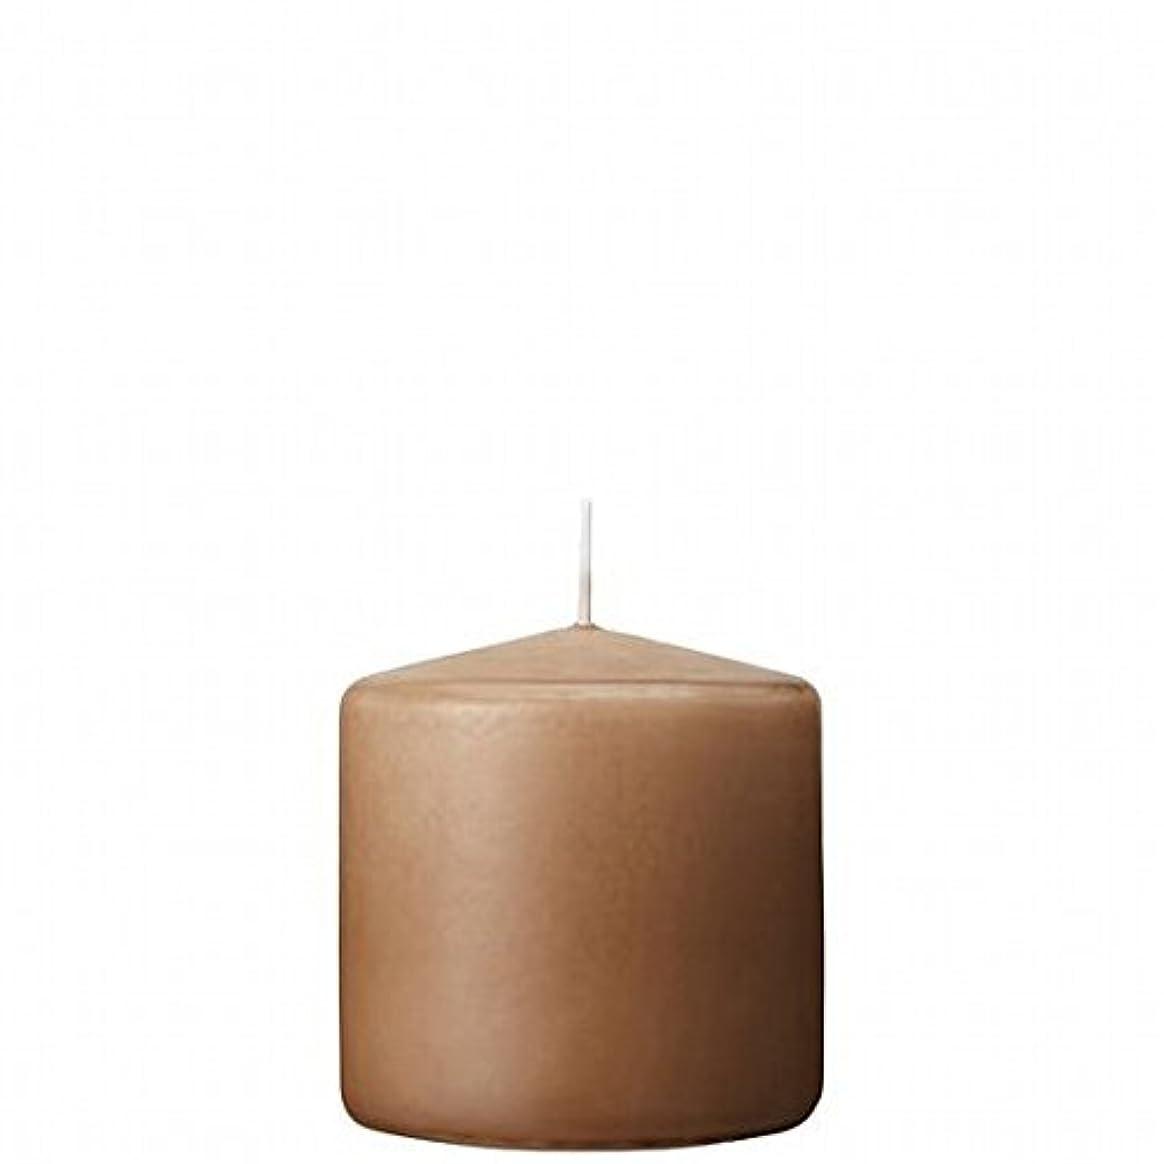 スナック印をつける太陽kameyama candle(カメヤマキャンドル) 3×3ベルトップピラーキャンドル 「 モカ 」(A9730000MO)